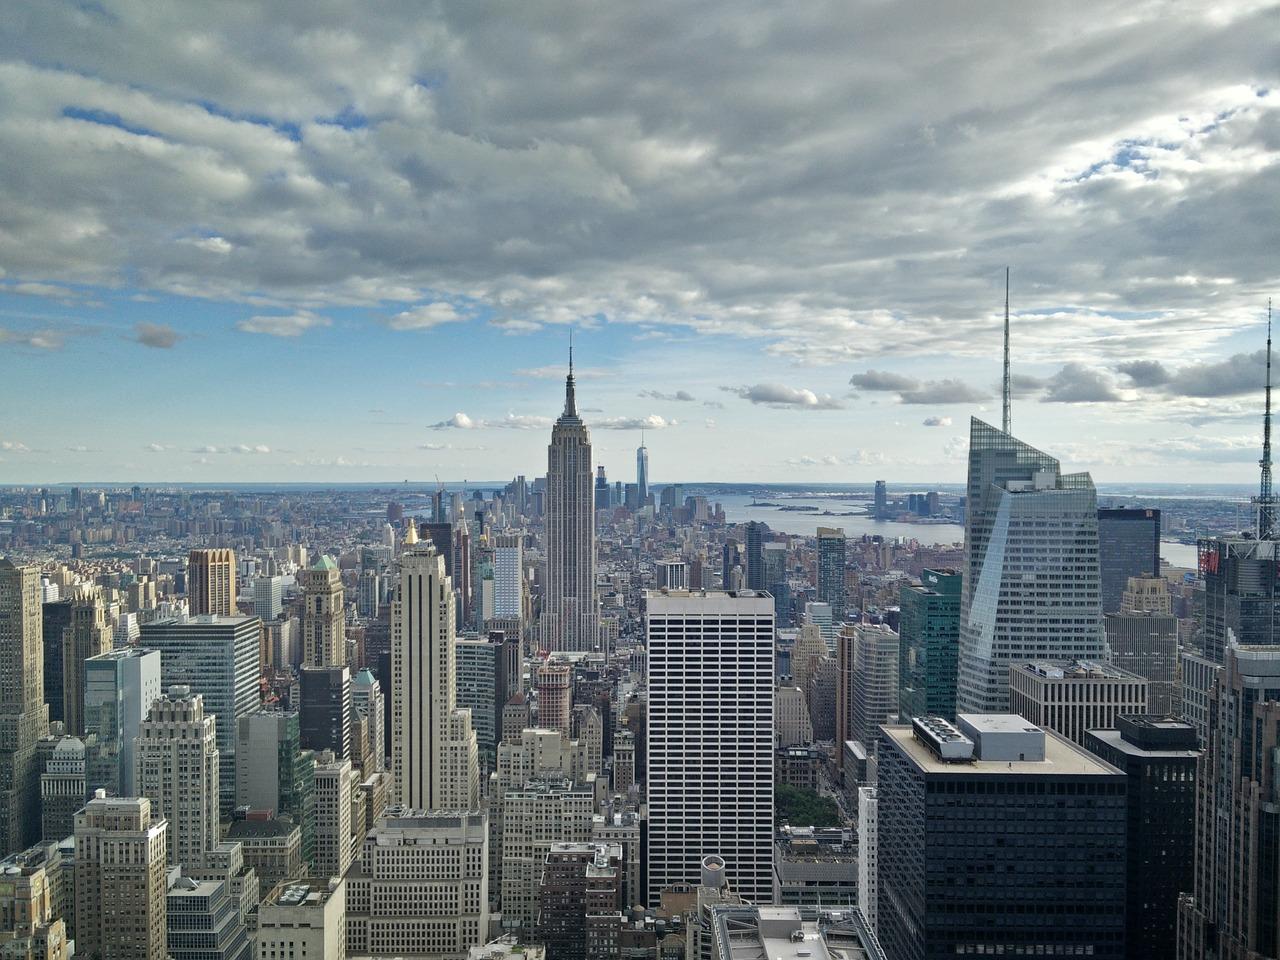 cosa vedere a new york in 6 giorni